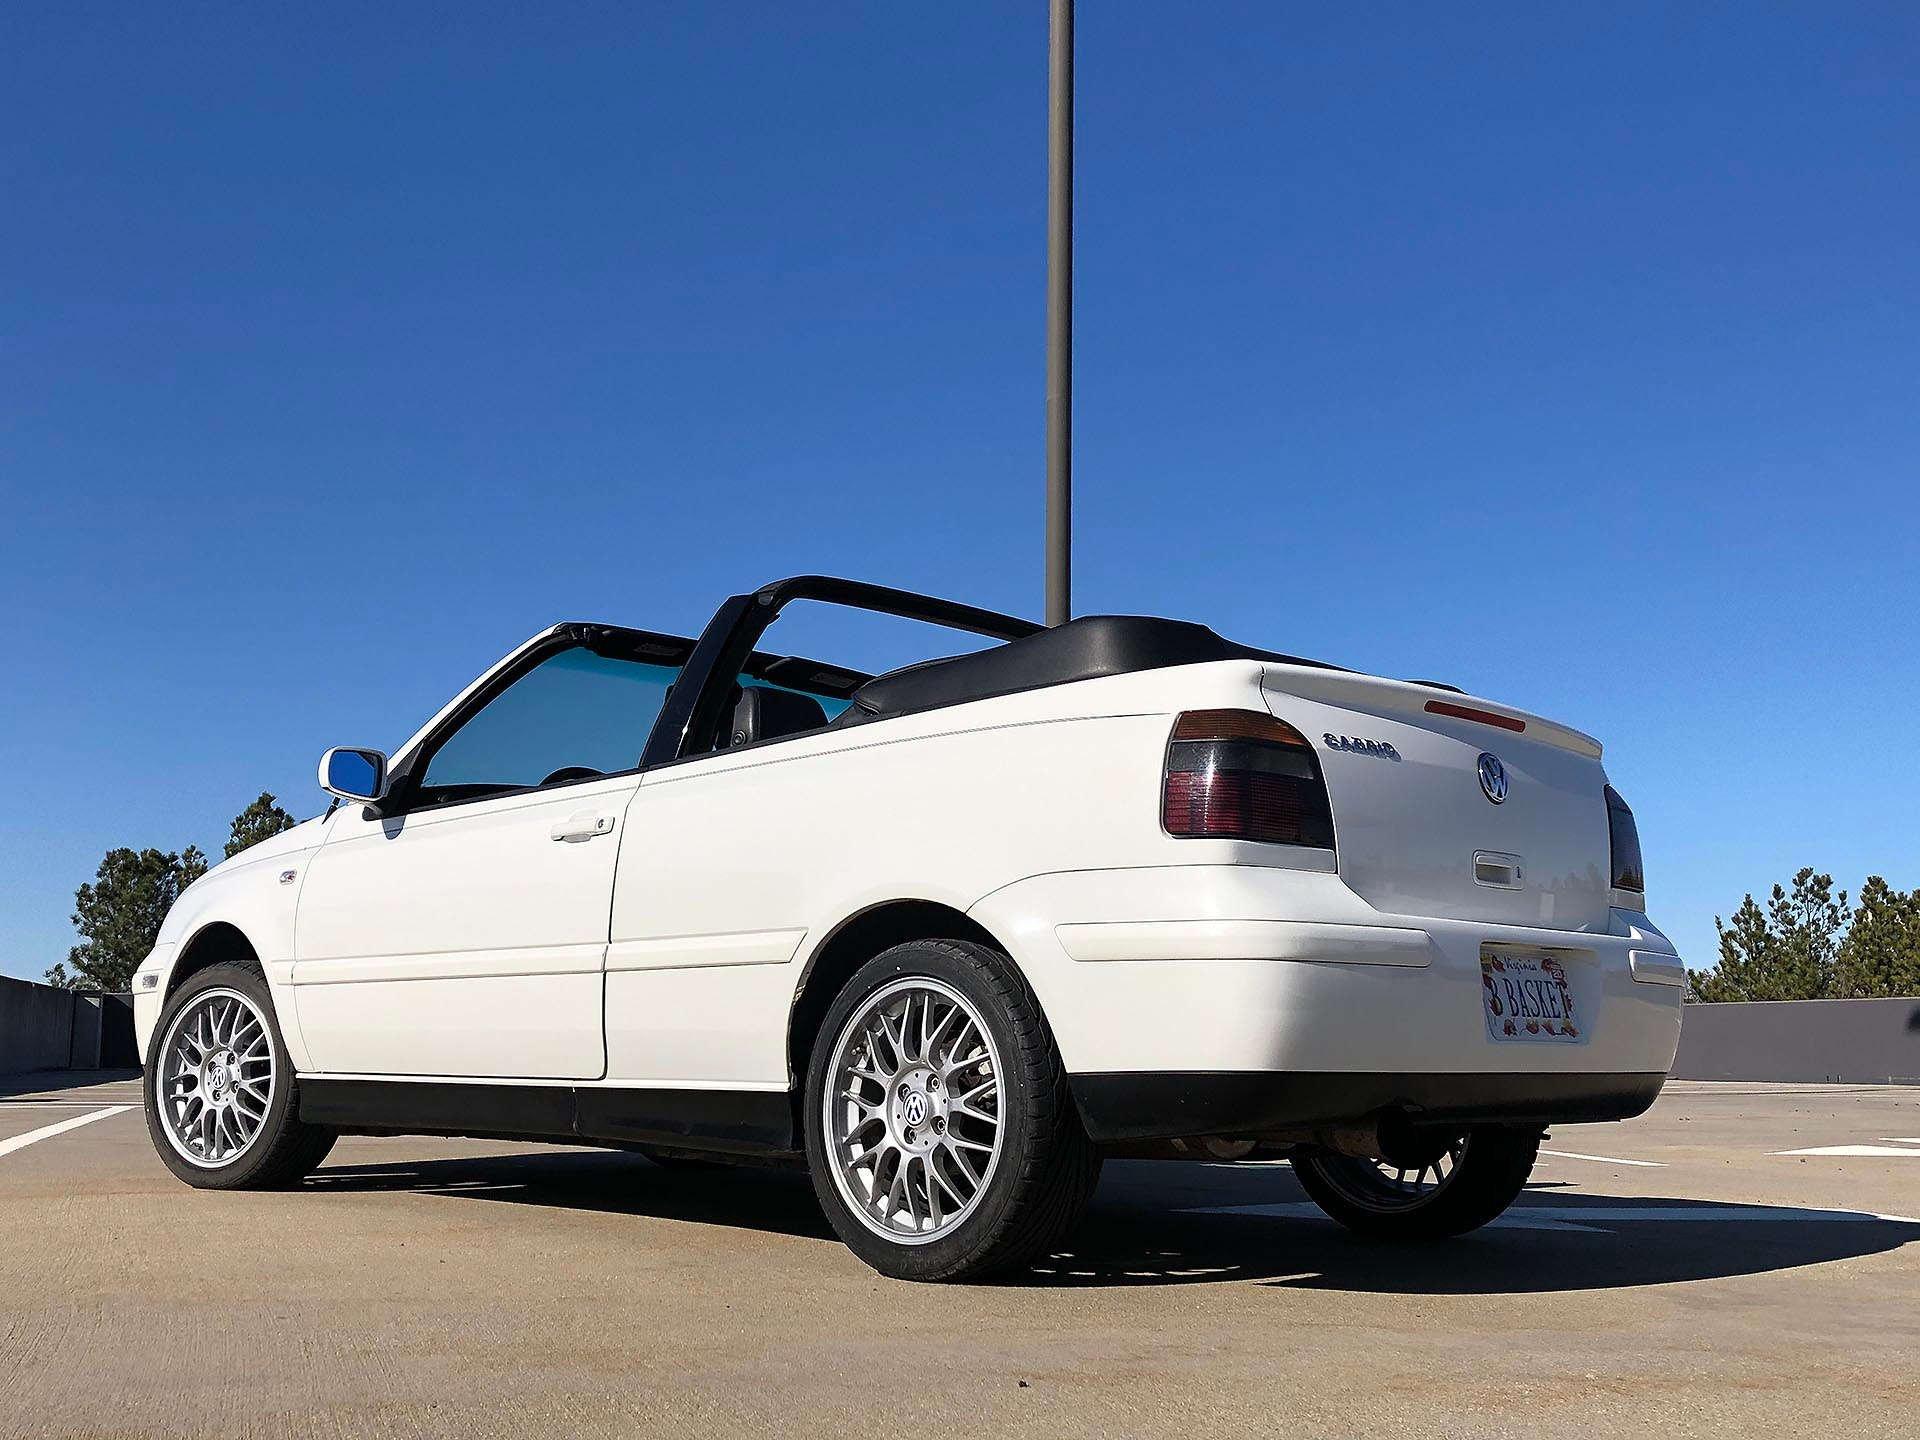 White Mk3.5 2002 Cabrio GLX rear